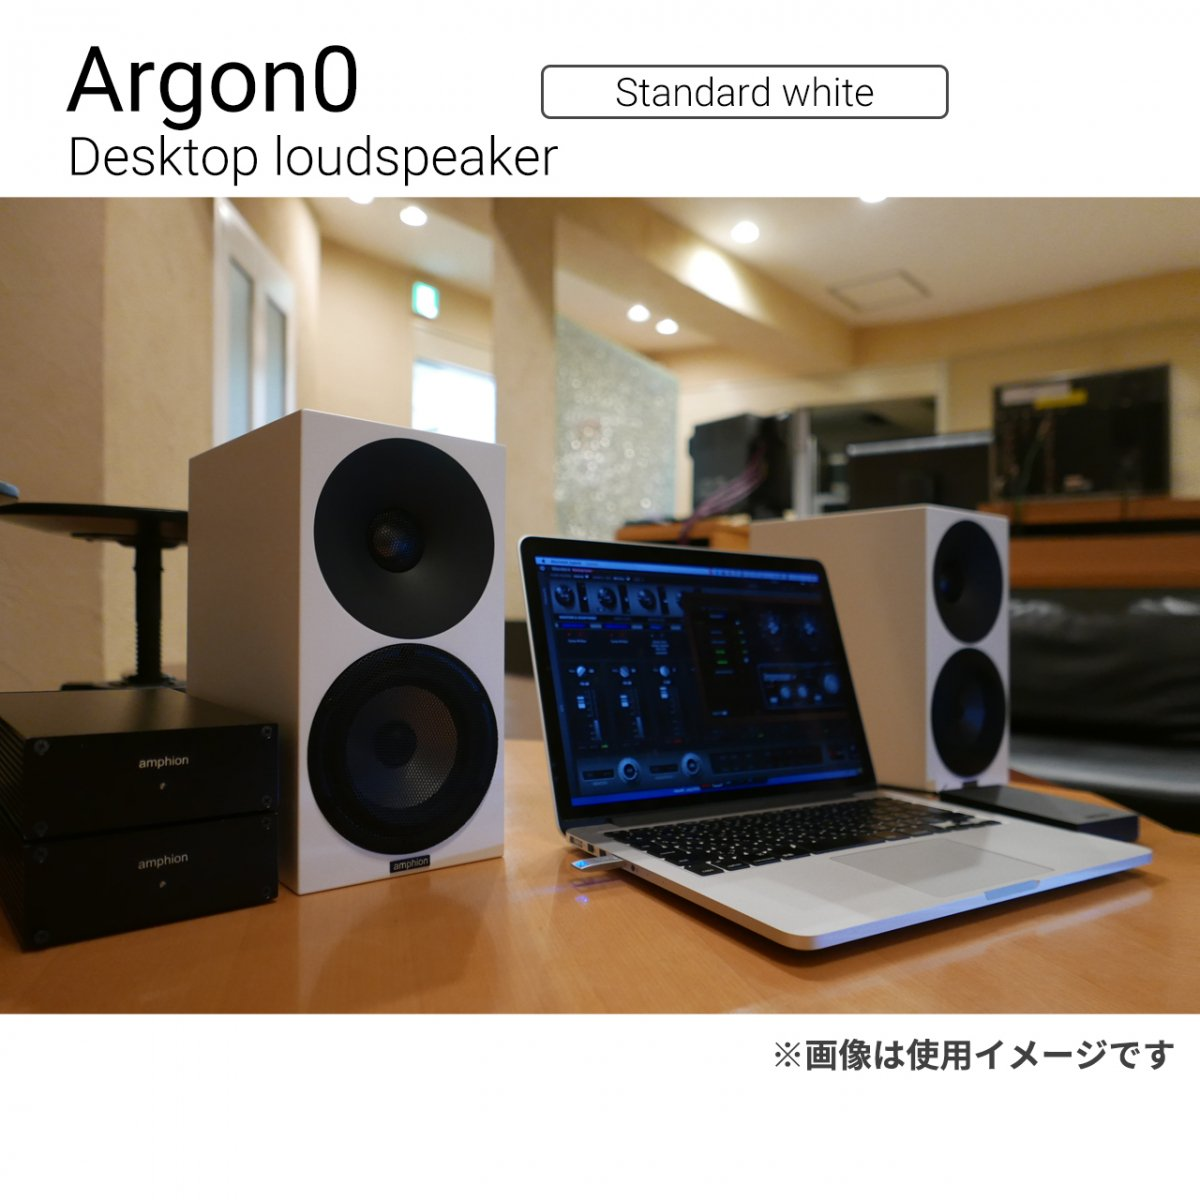 【シンプル&ナチュラルサウンド】Argon0 (Standard white) Bookshelf loudspeaker【ペア】